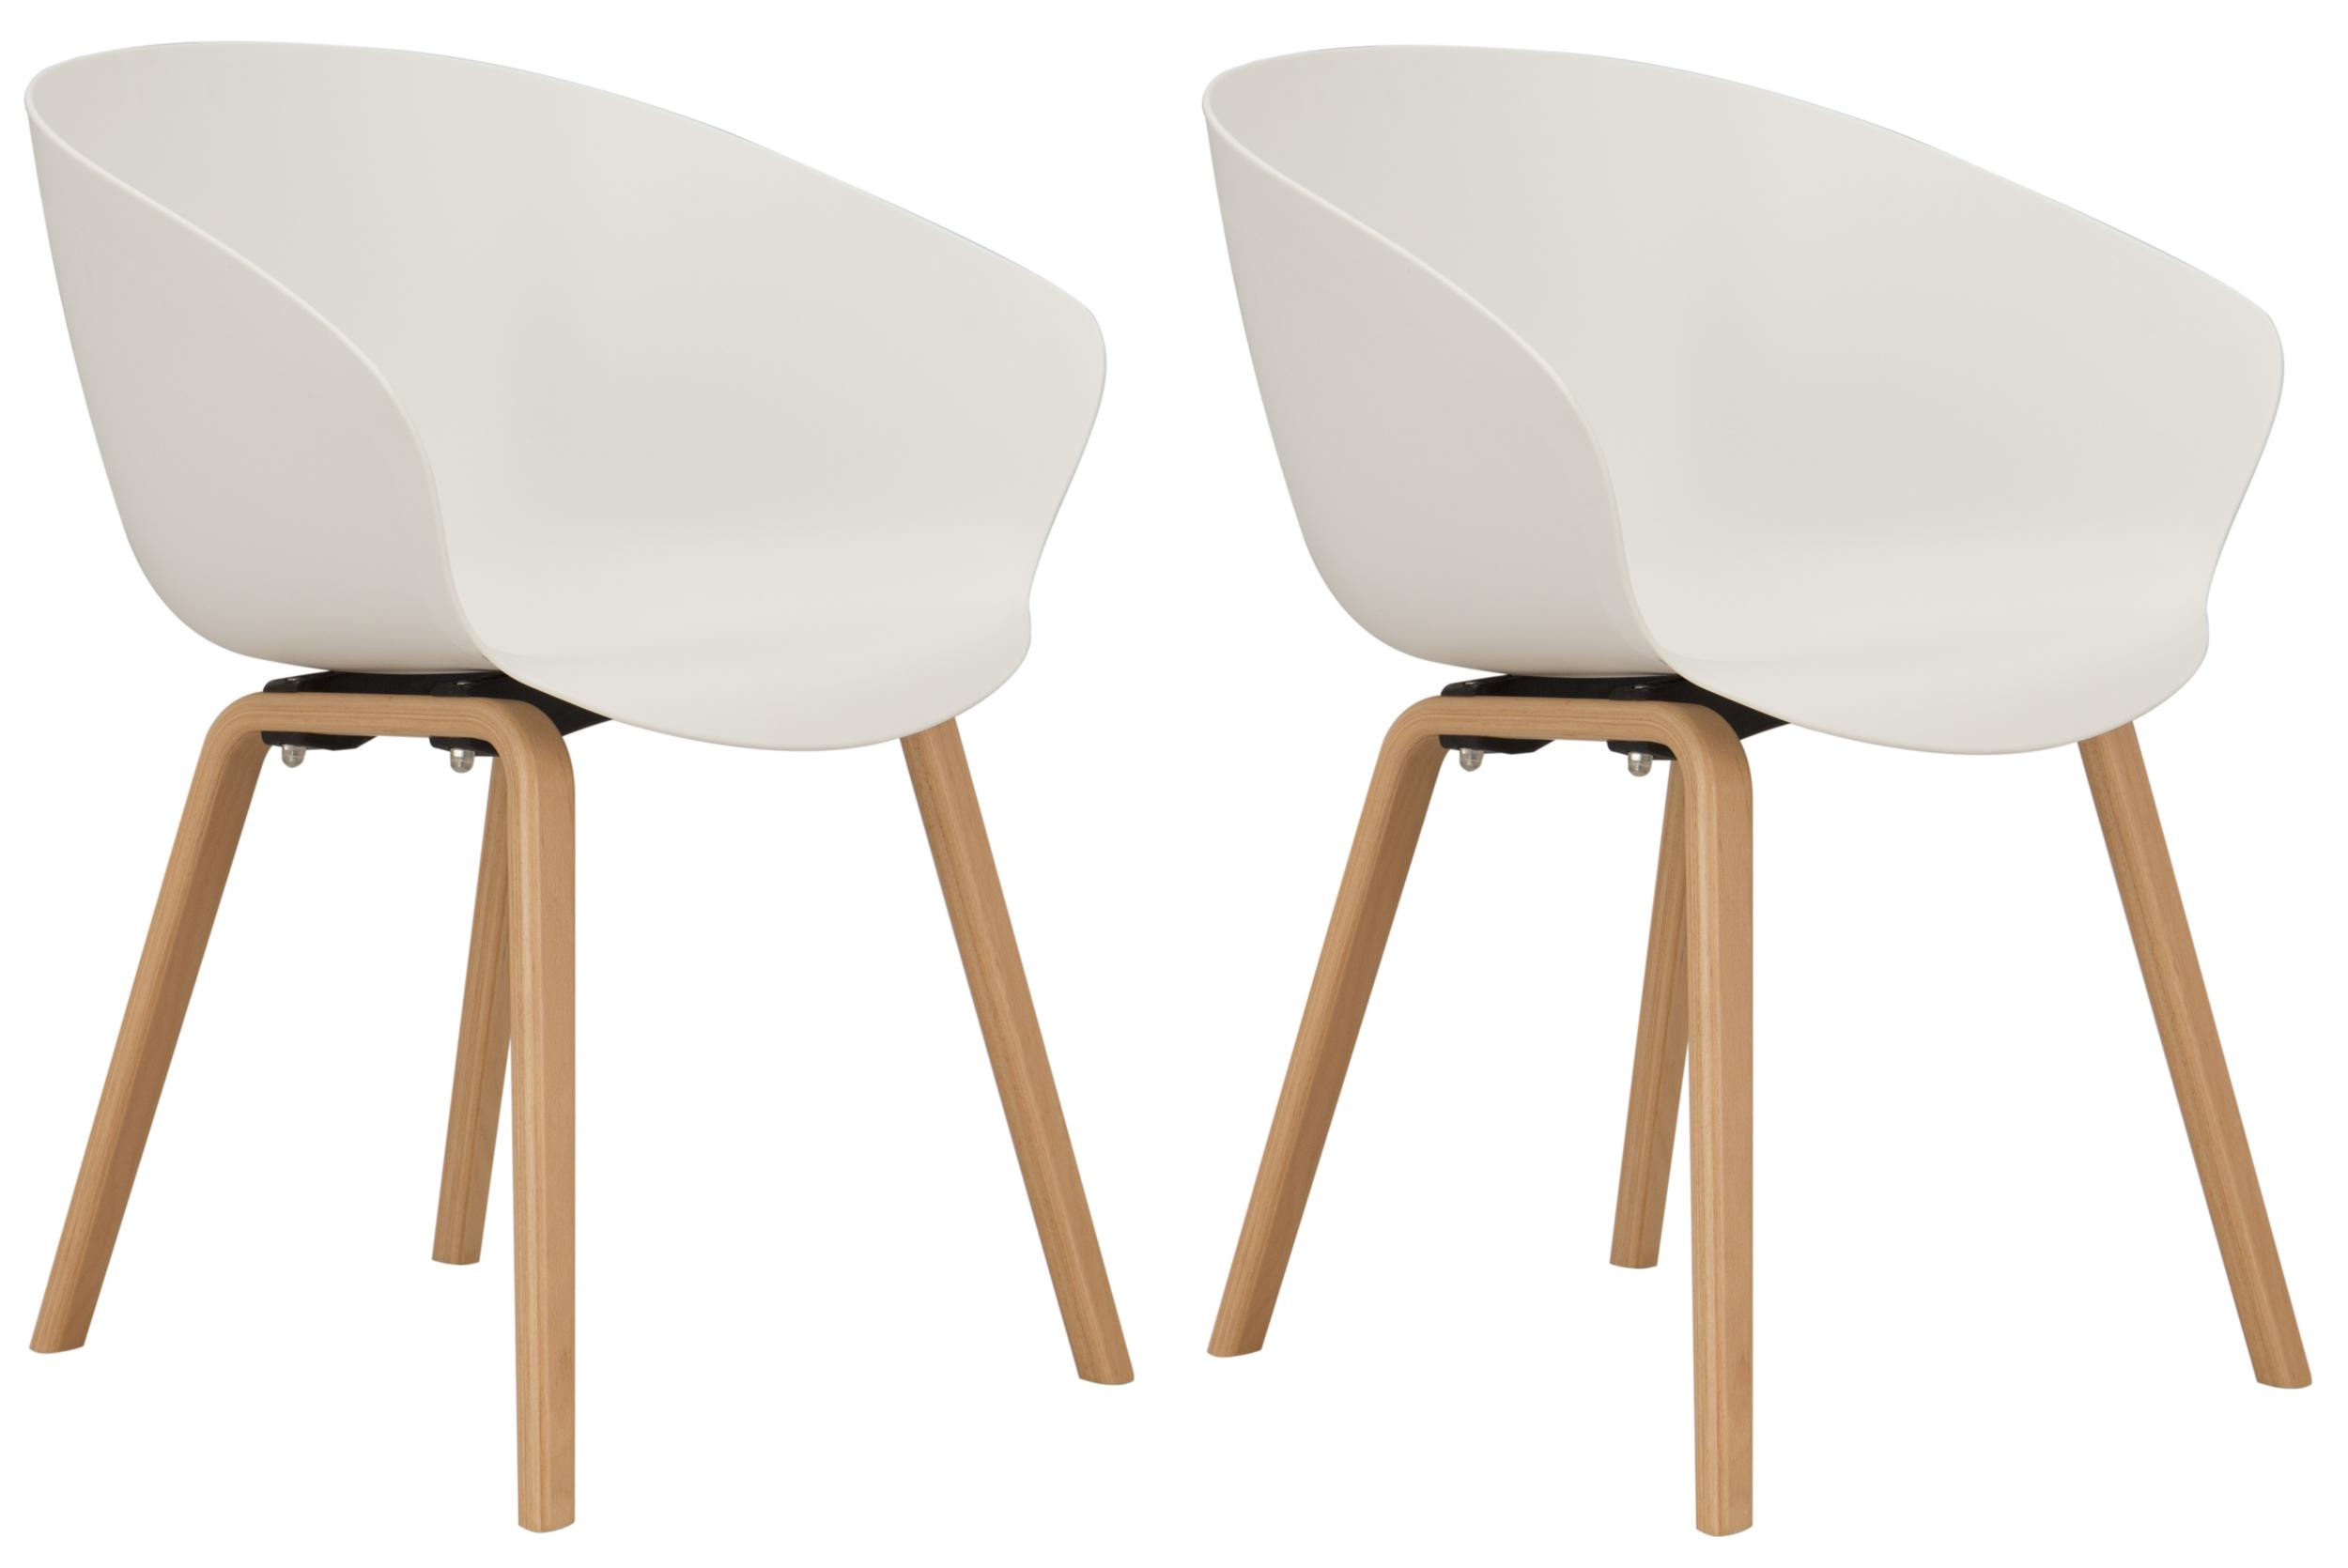 Arum blanc hÊtre lot de 2 fauteuils & chaises chaises buroweb.fr